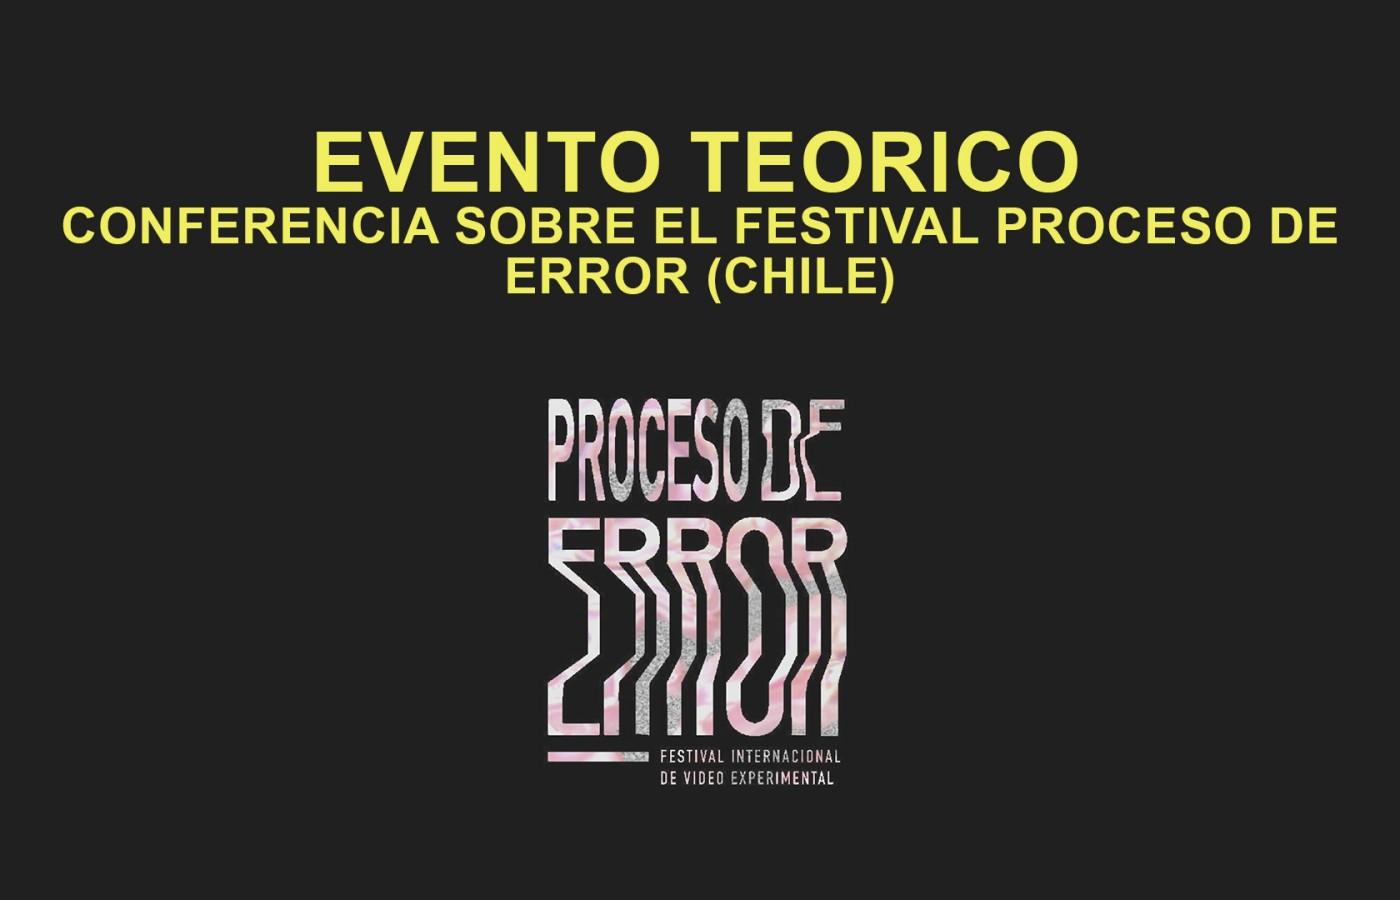 EVENTO TEORICO PROCESO DE ERROR